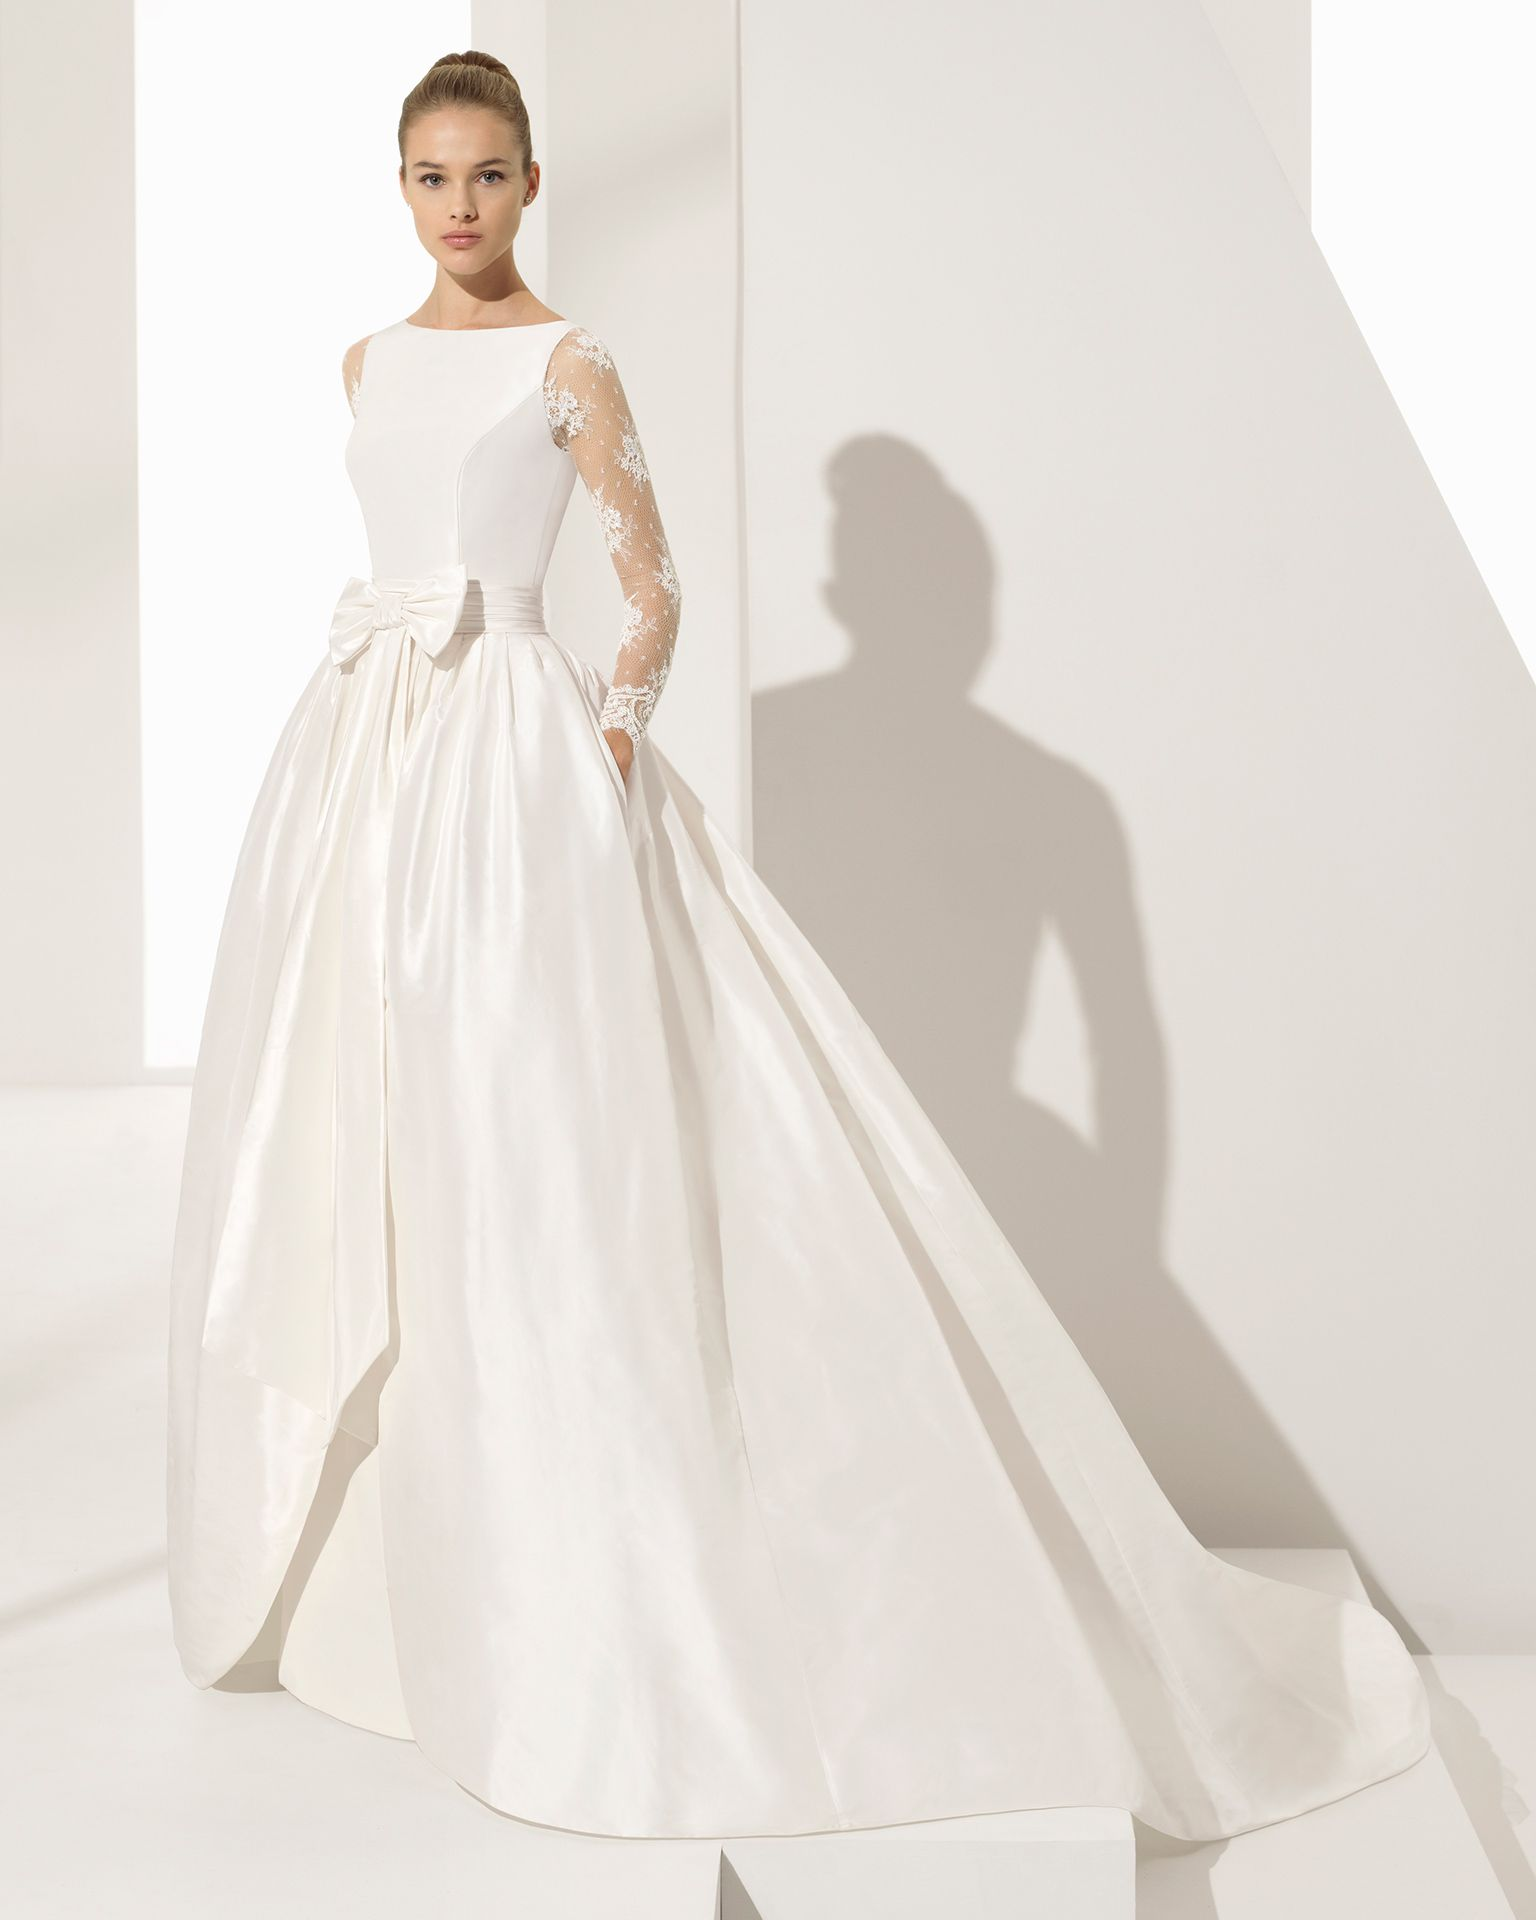 76a9022c9f4d PASTORA - sposa 2018. Collezione Rosa Clará Couture